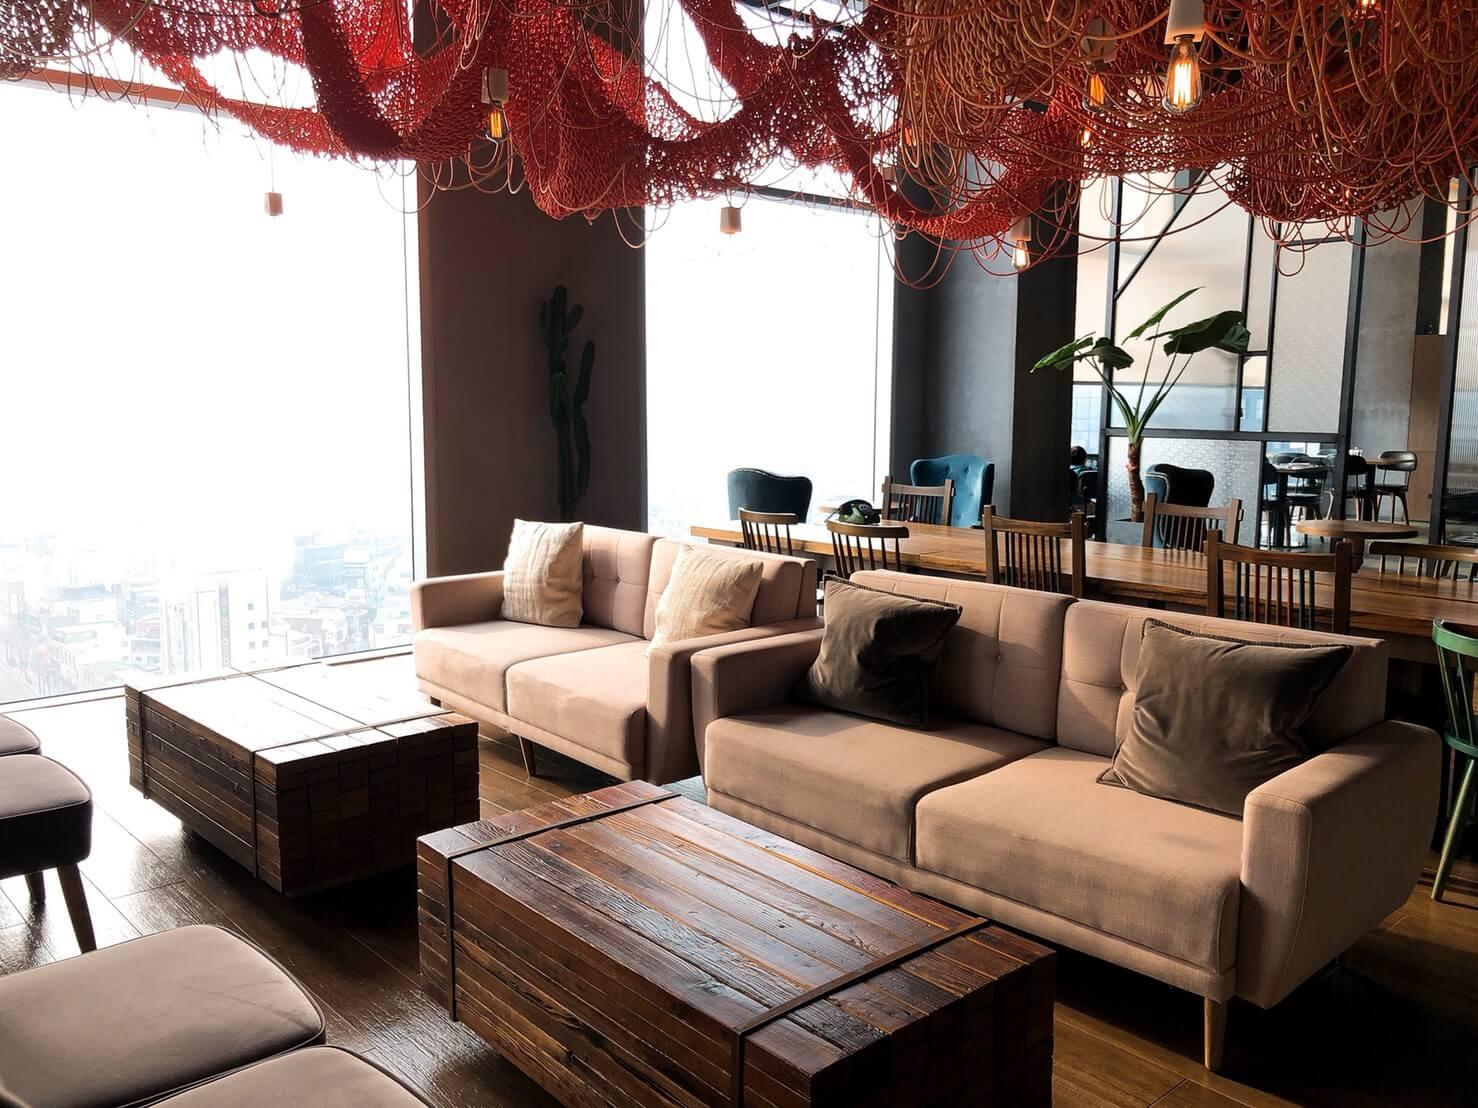 首爾住宿推薦_弘大L7樂天飯店好評介紹_飯店內部公共設施很美